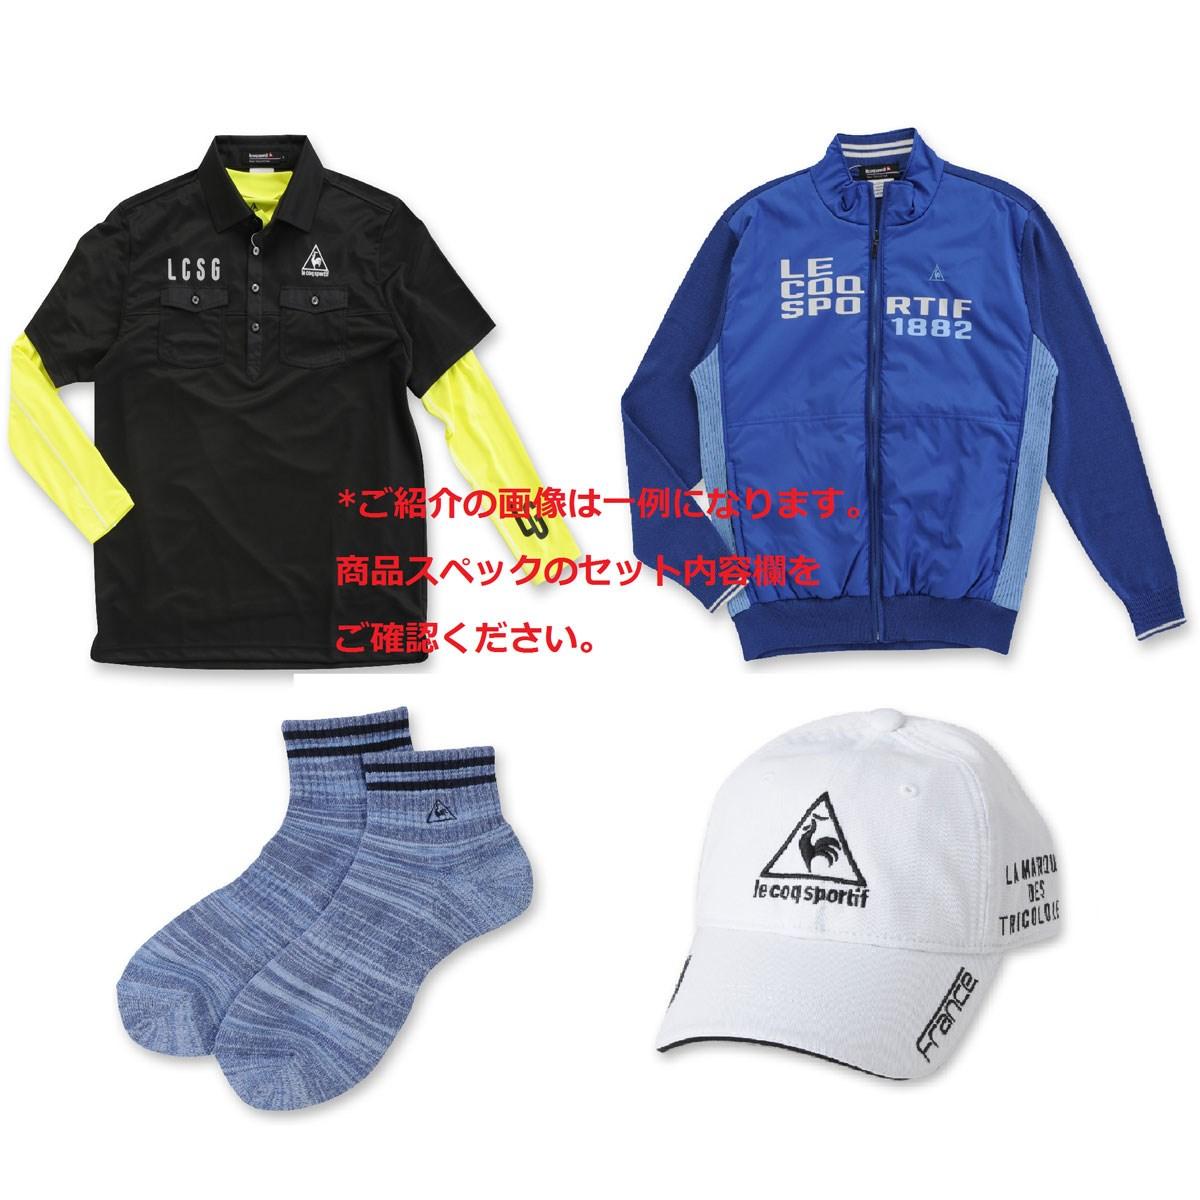 1萬円福袋 QG100-FB ルコックゴルフ Le coq sportif GOLF QG100-FB 通販|GDO ...